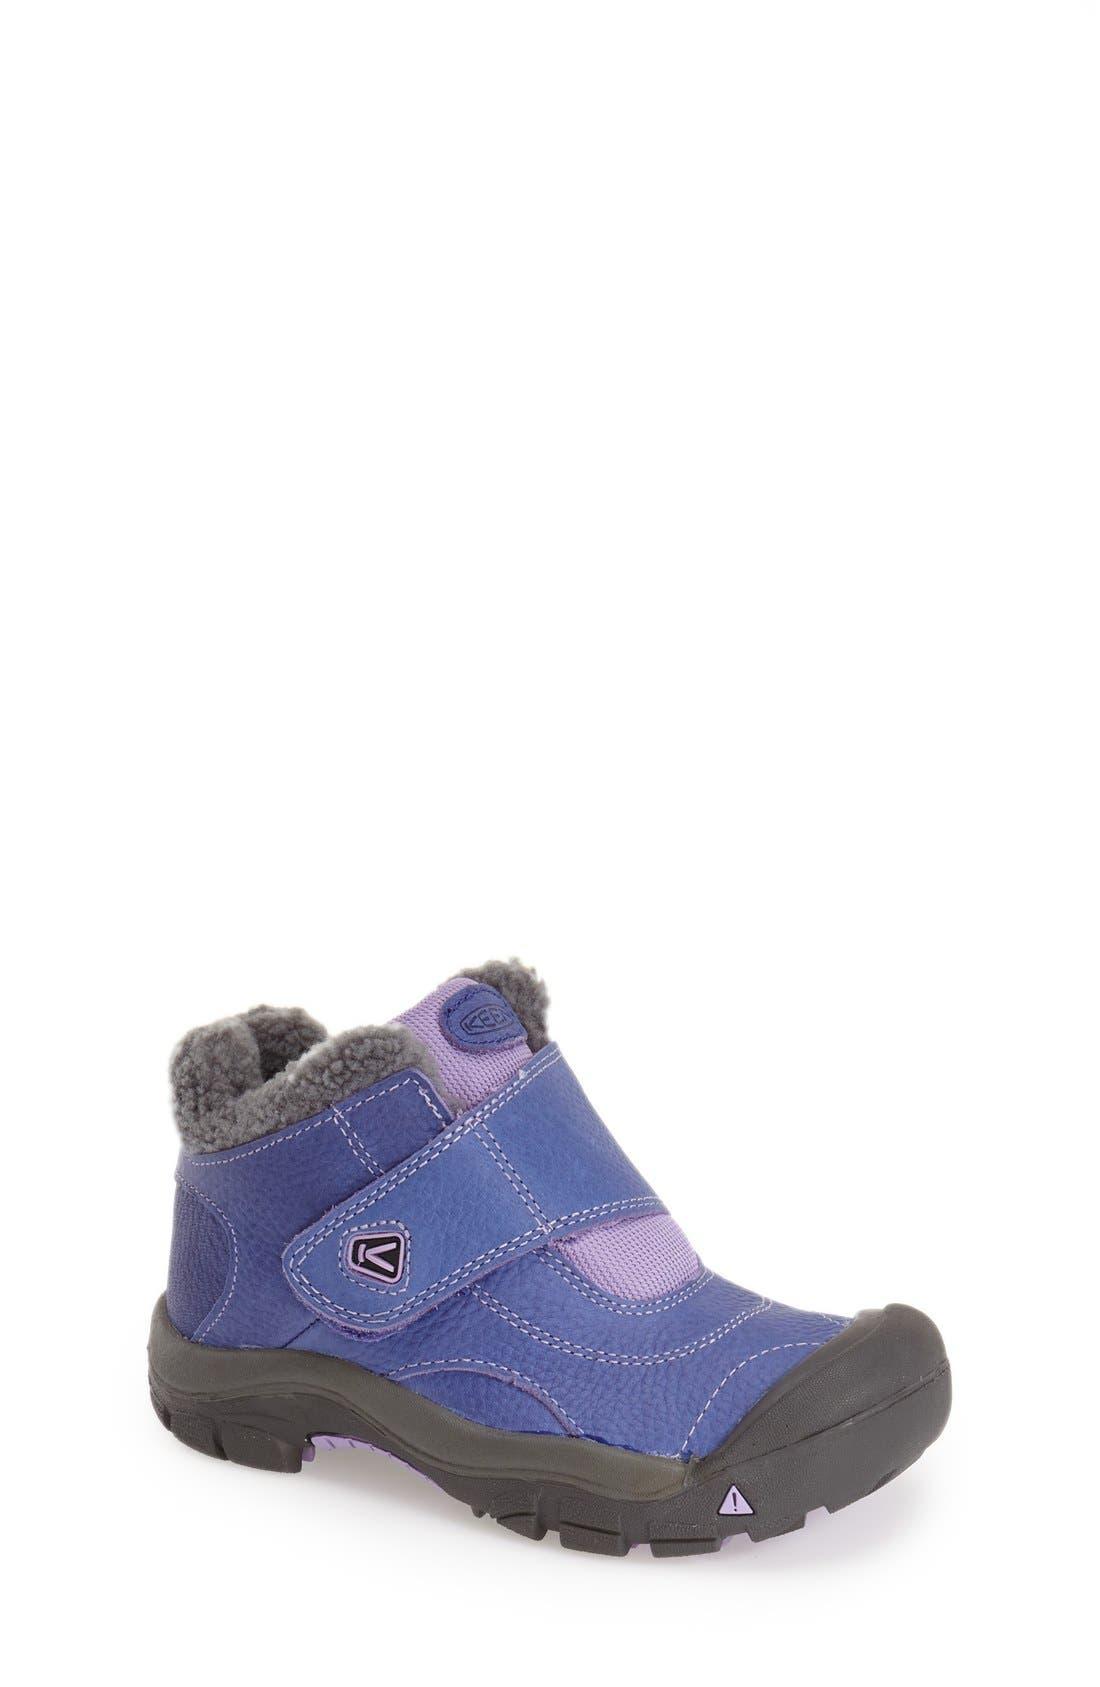 'Kootenay' Waterproof Winter Boot,                             Main thumbnail 1, color,                             400